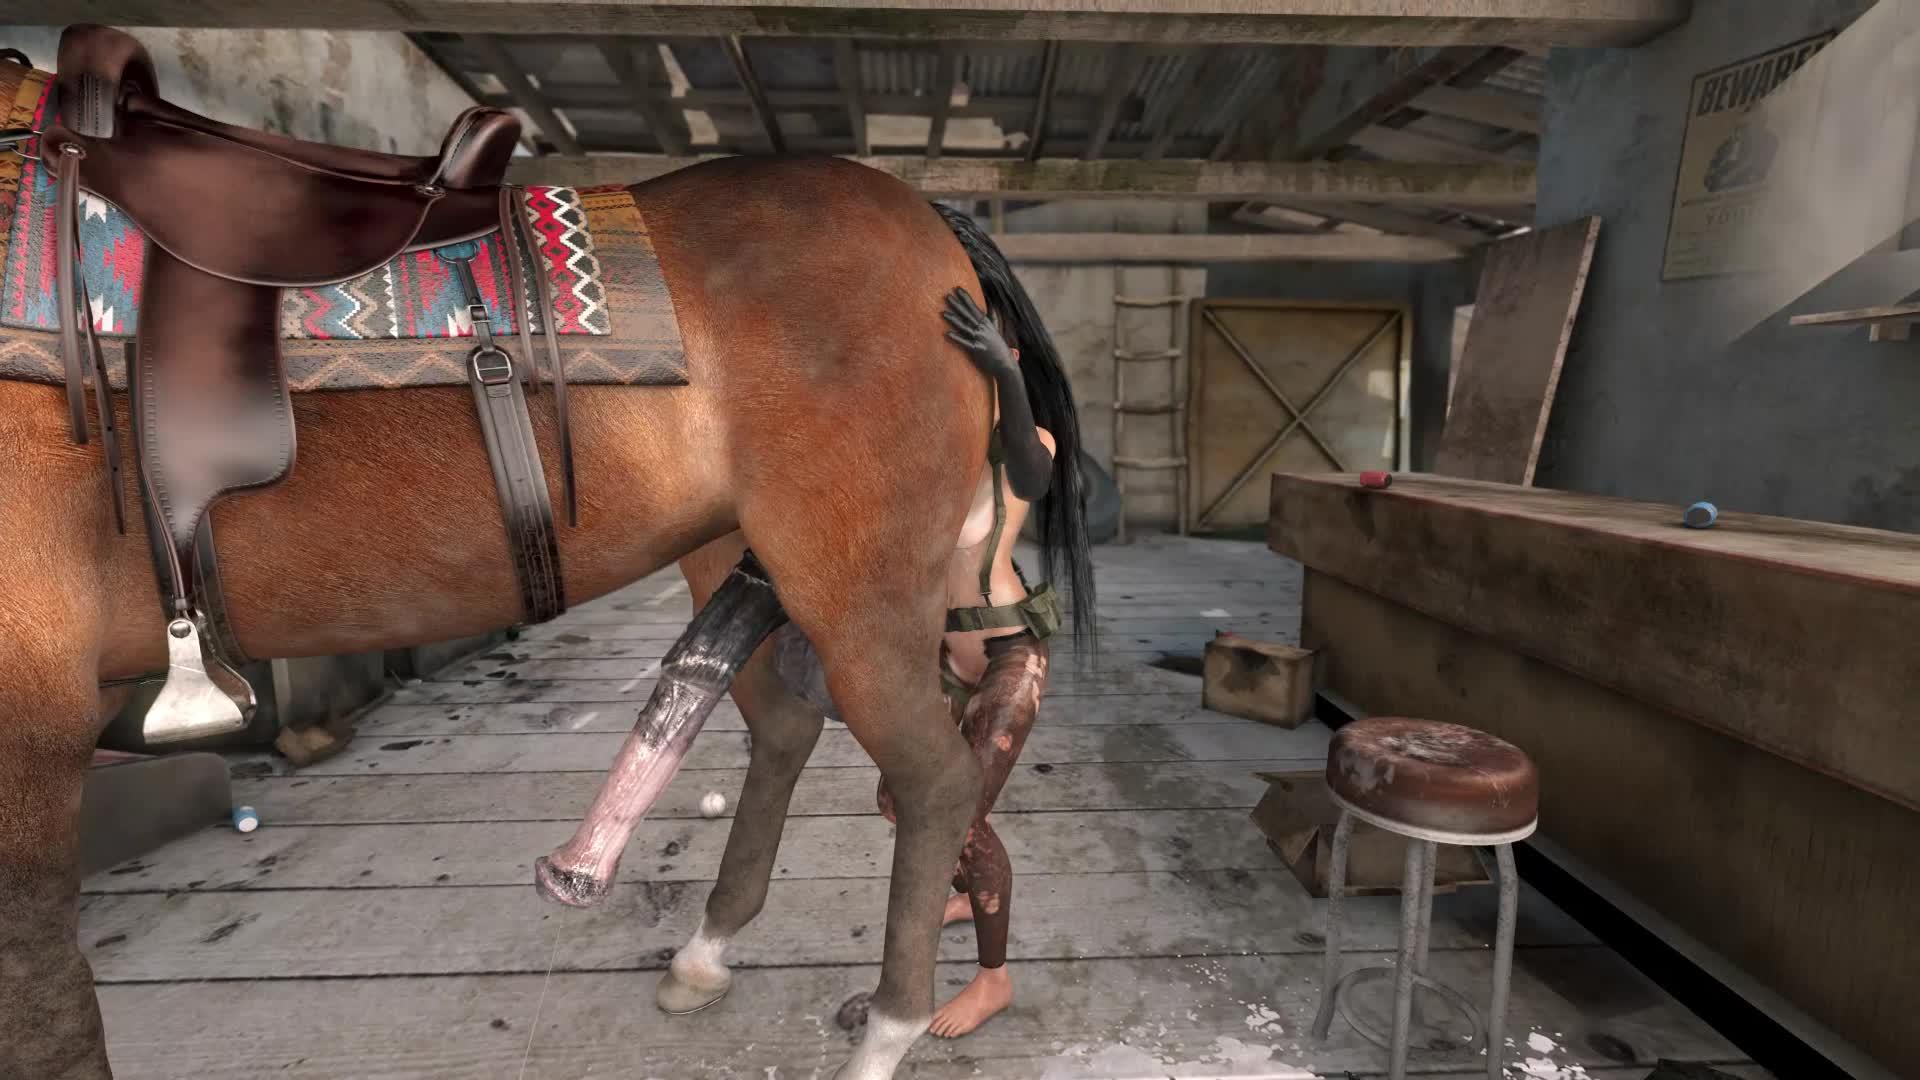 Horse 3d hentai Хентай 3д